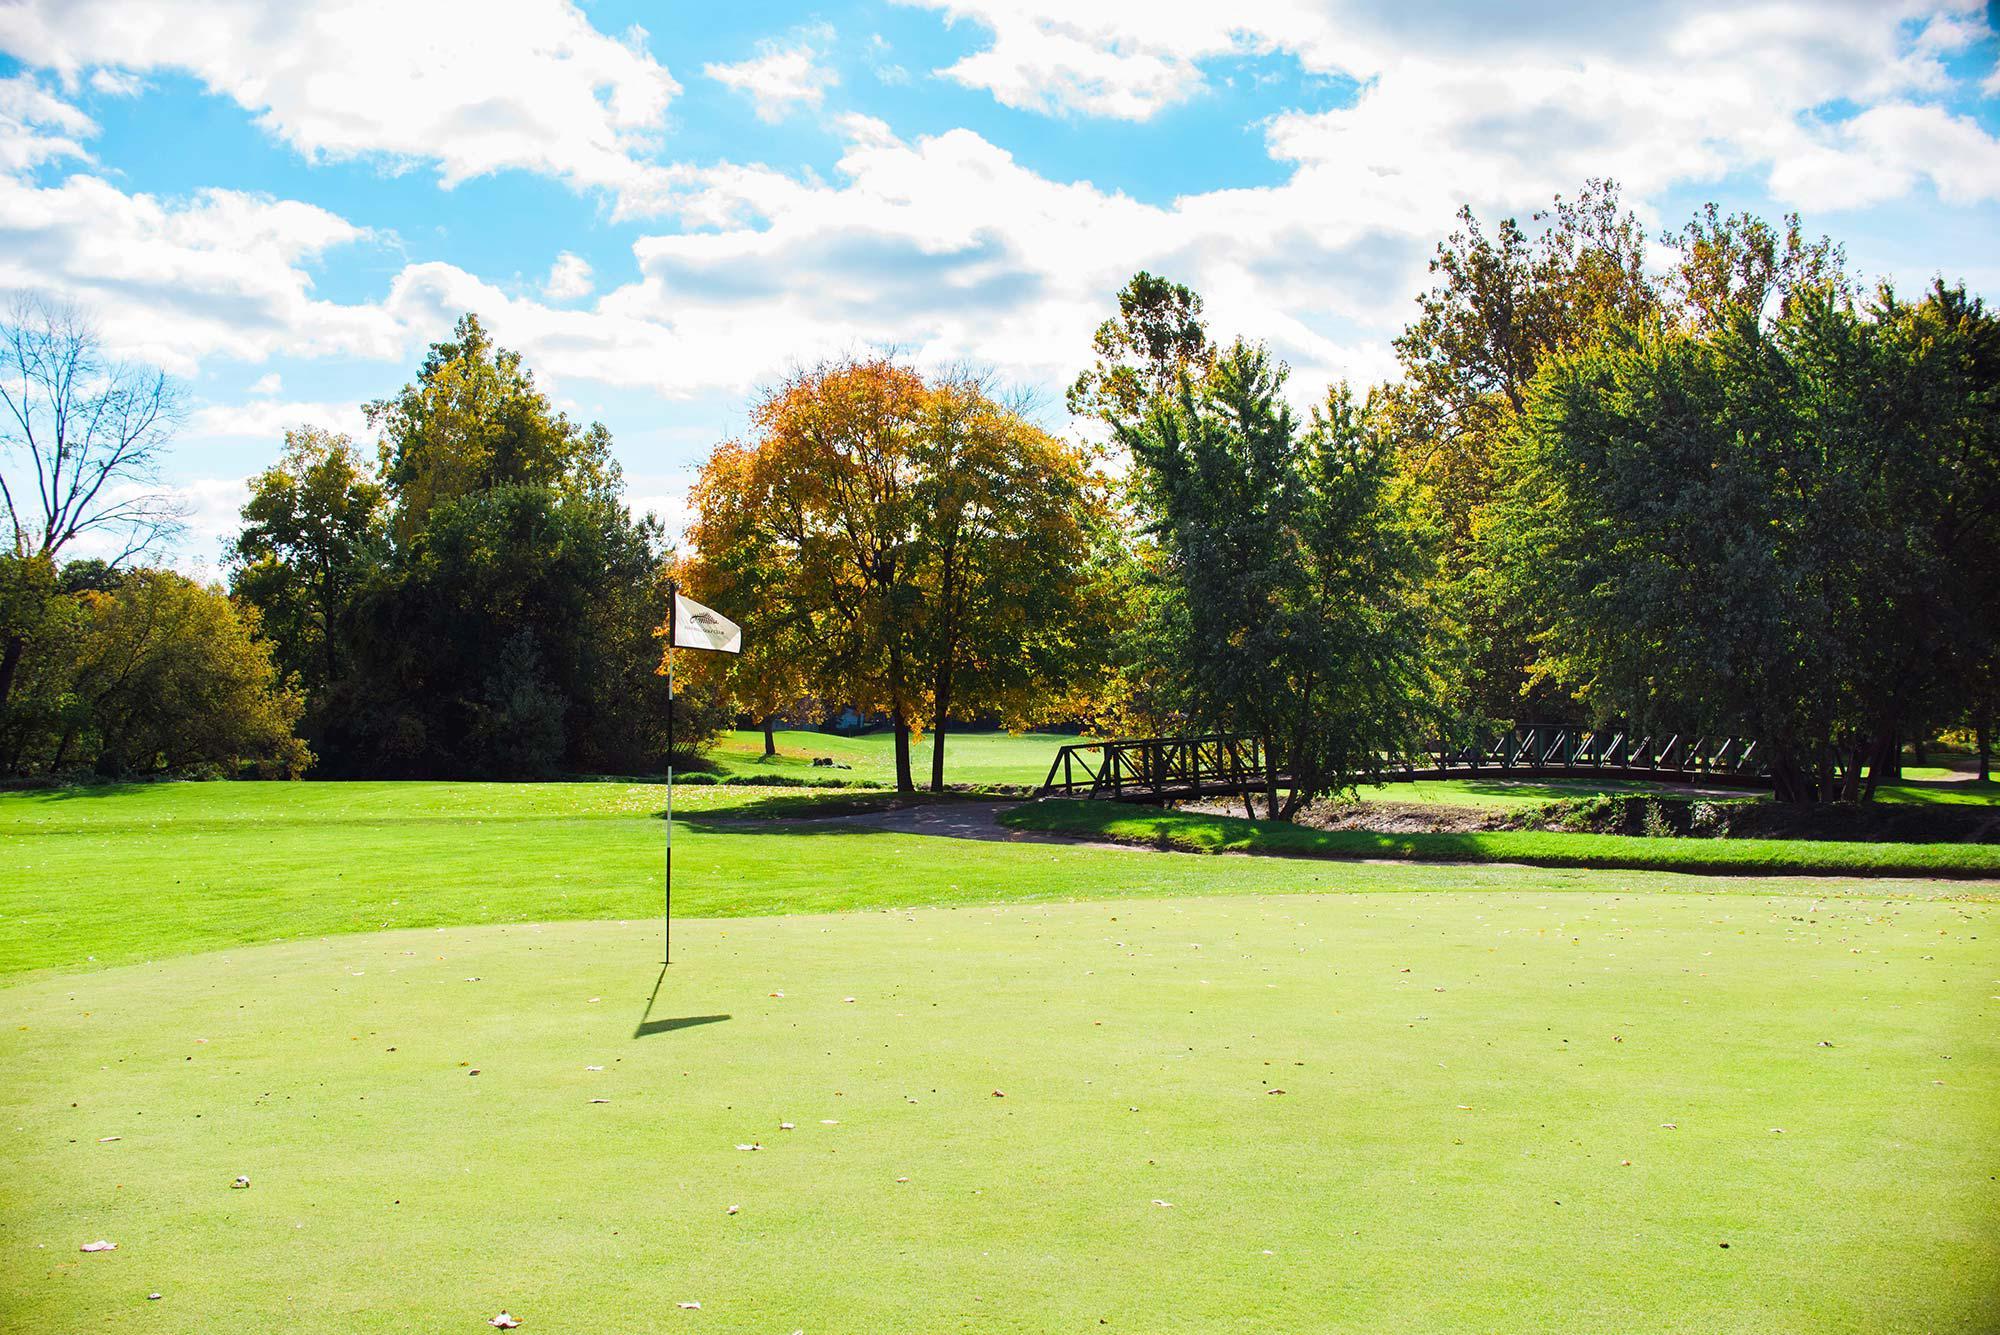 Fern Hill Golf Club image 3